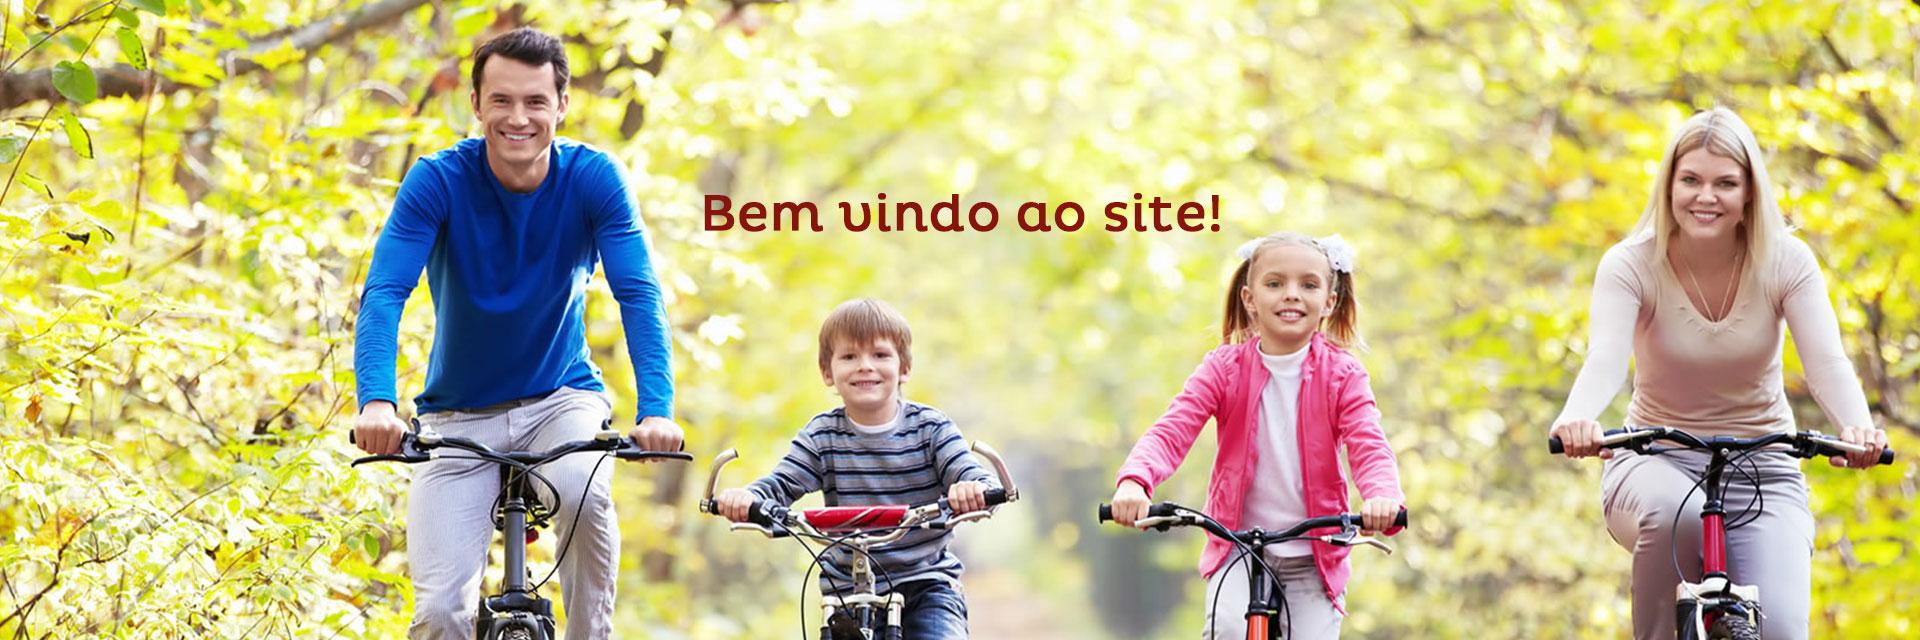 Clinica de cardiologia, Cardiologista em São Bernardo do Campo, Cardiologista em Diadema, Dunacor Diadema, Exame Ecodopplercardiograma